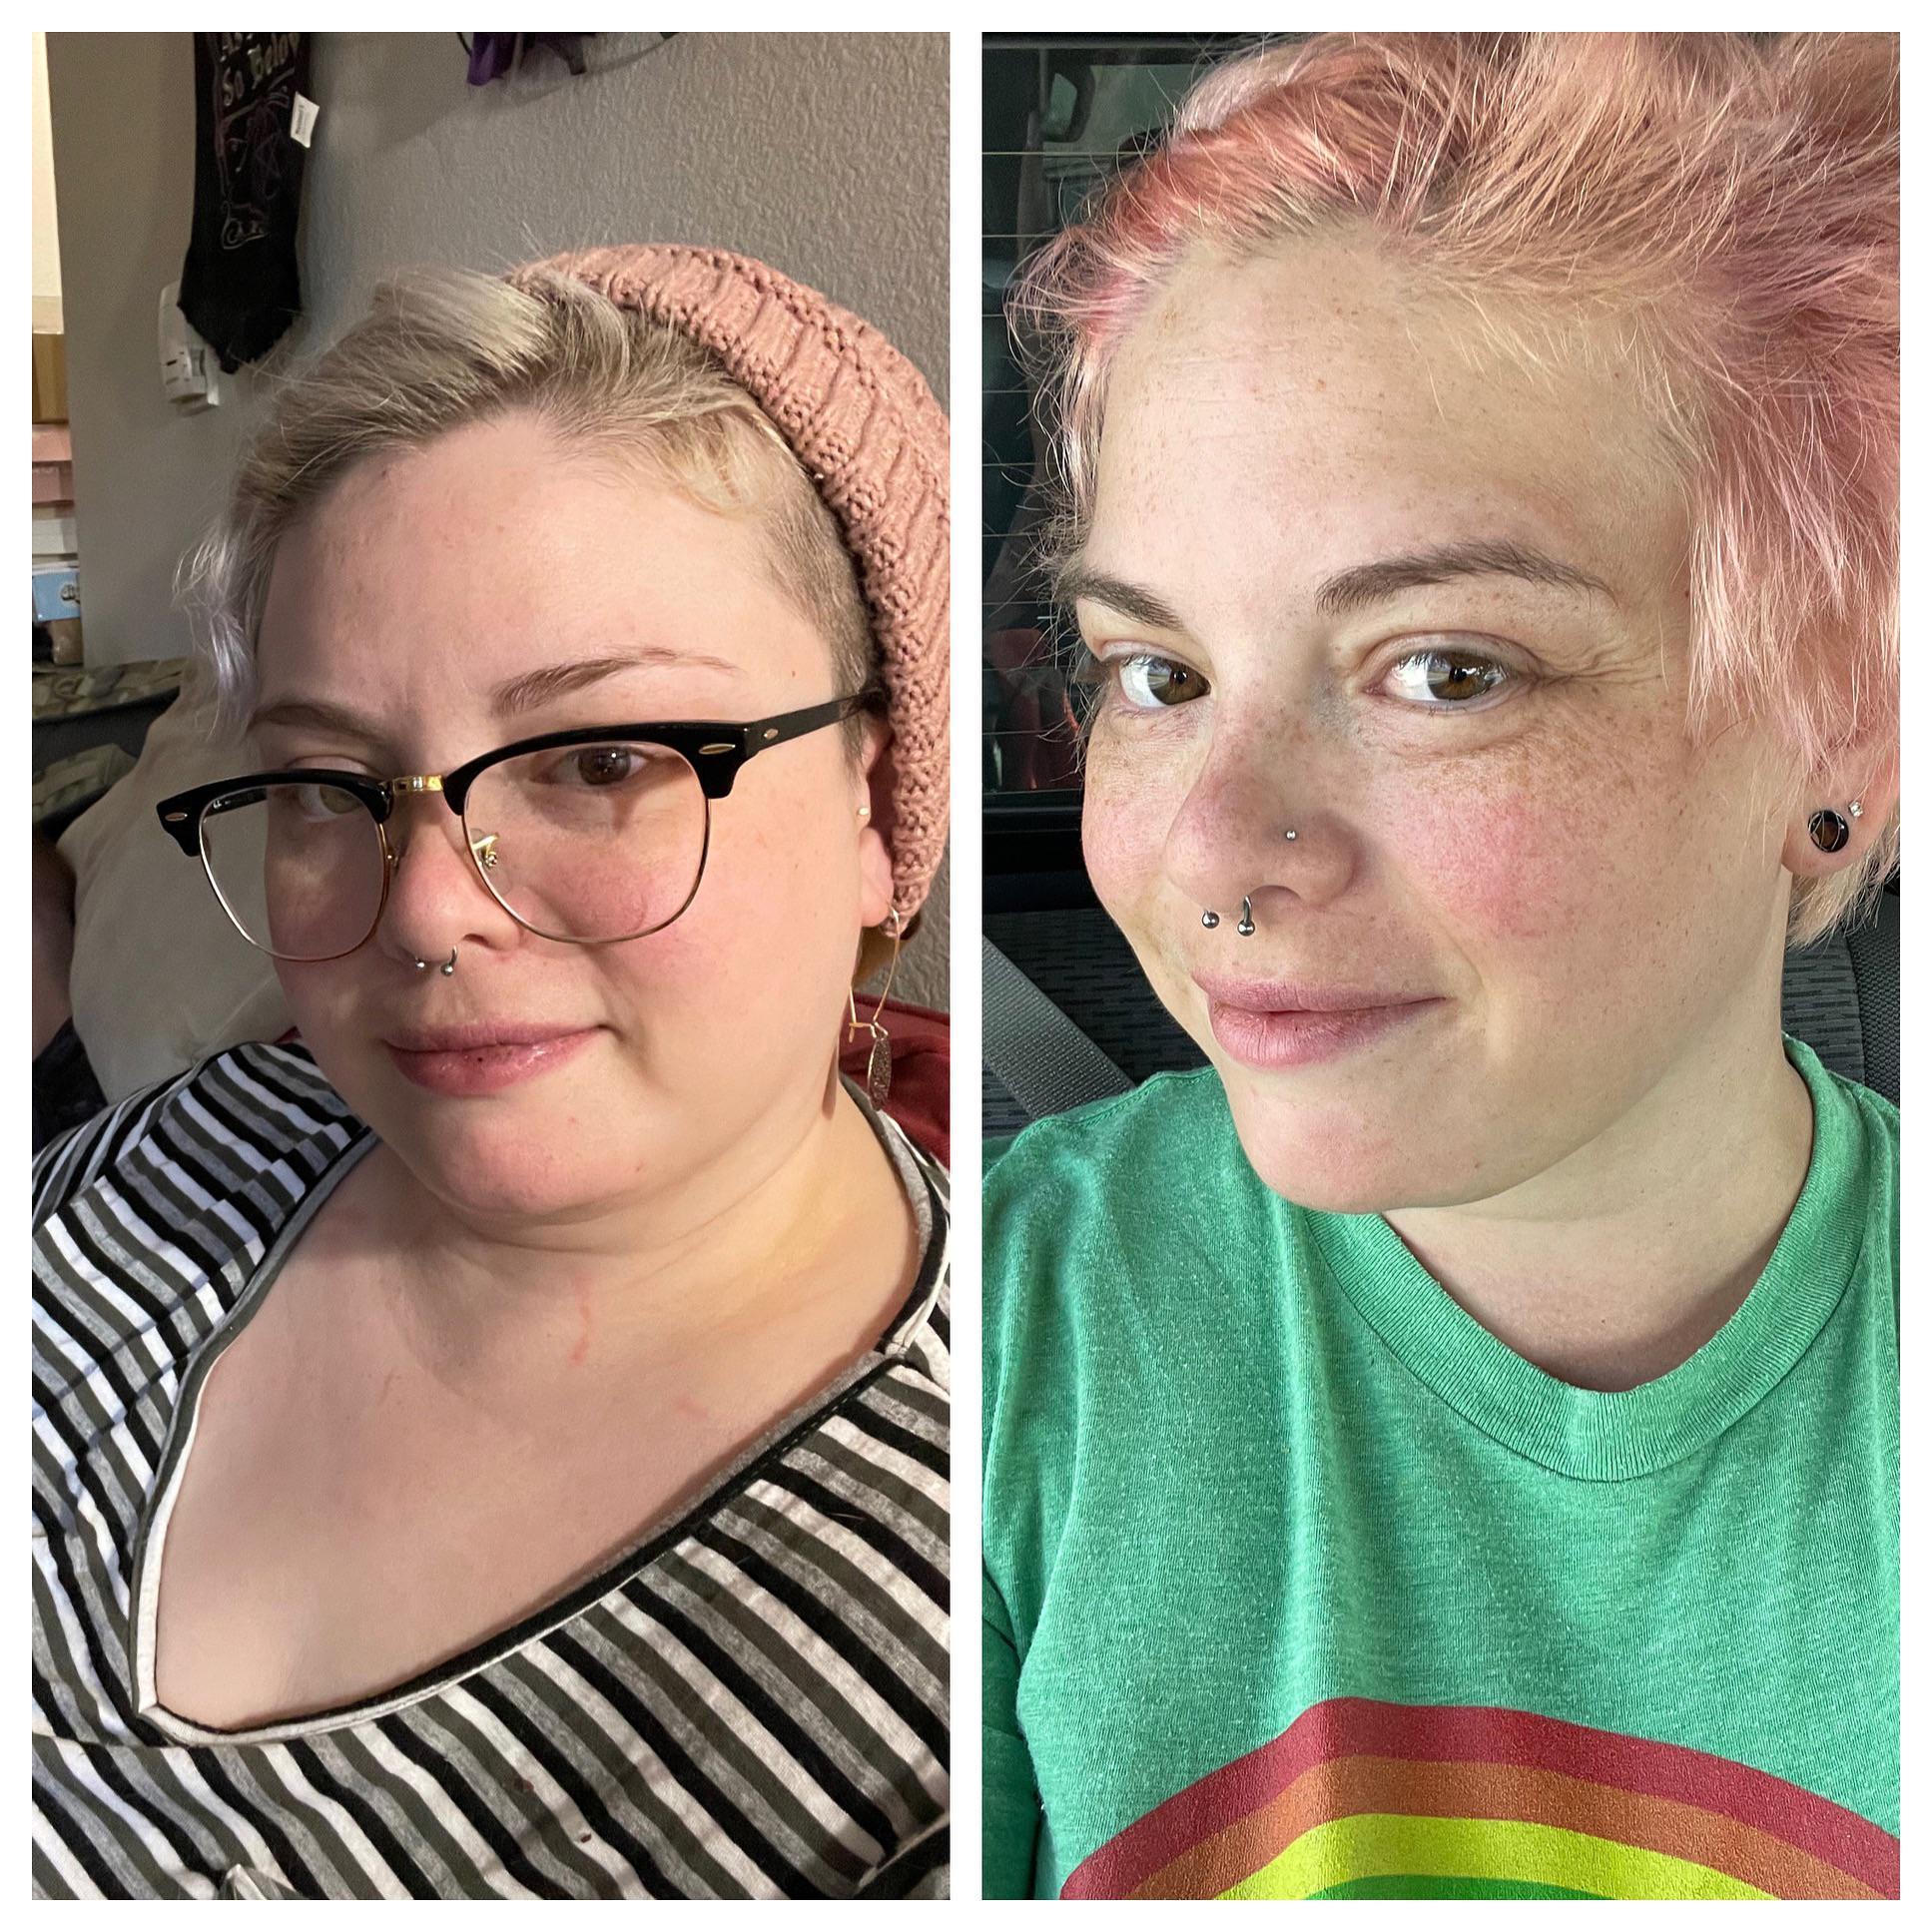 4 foot 11 Female Progress Pics of 28 lbs Fat Loss 198 lbs to 170 lbs